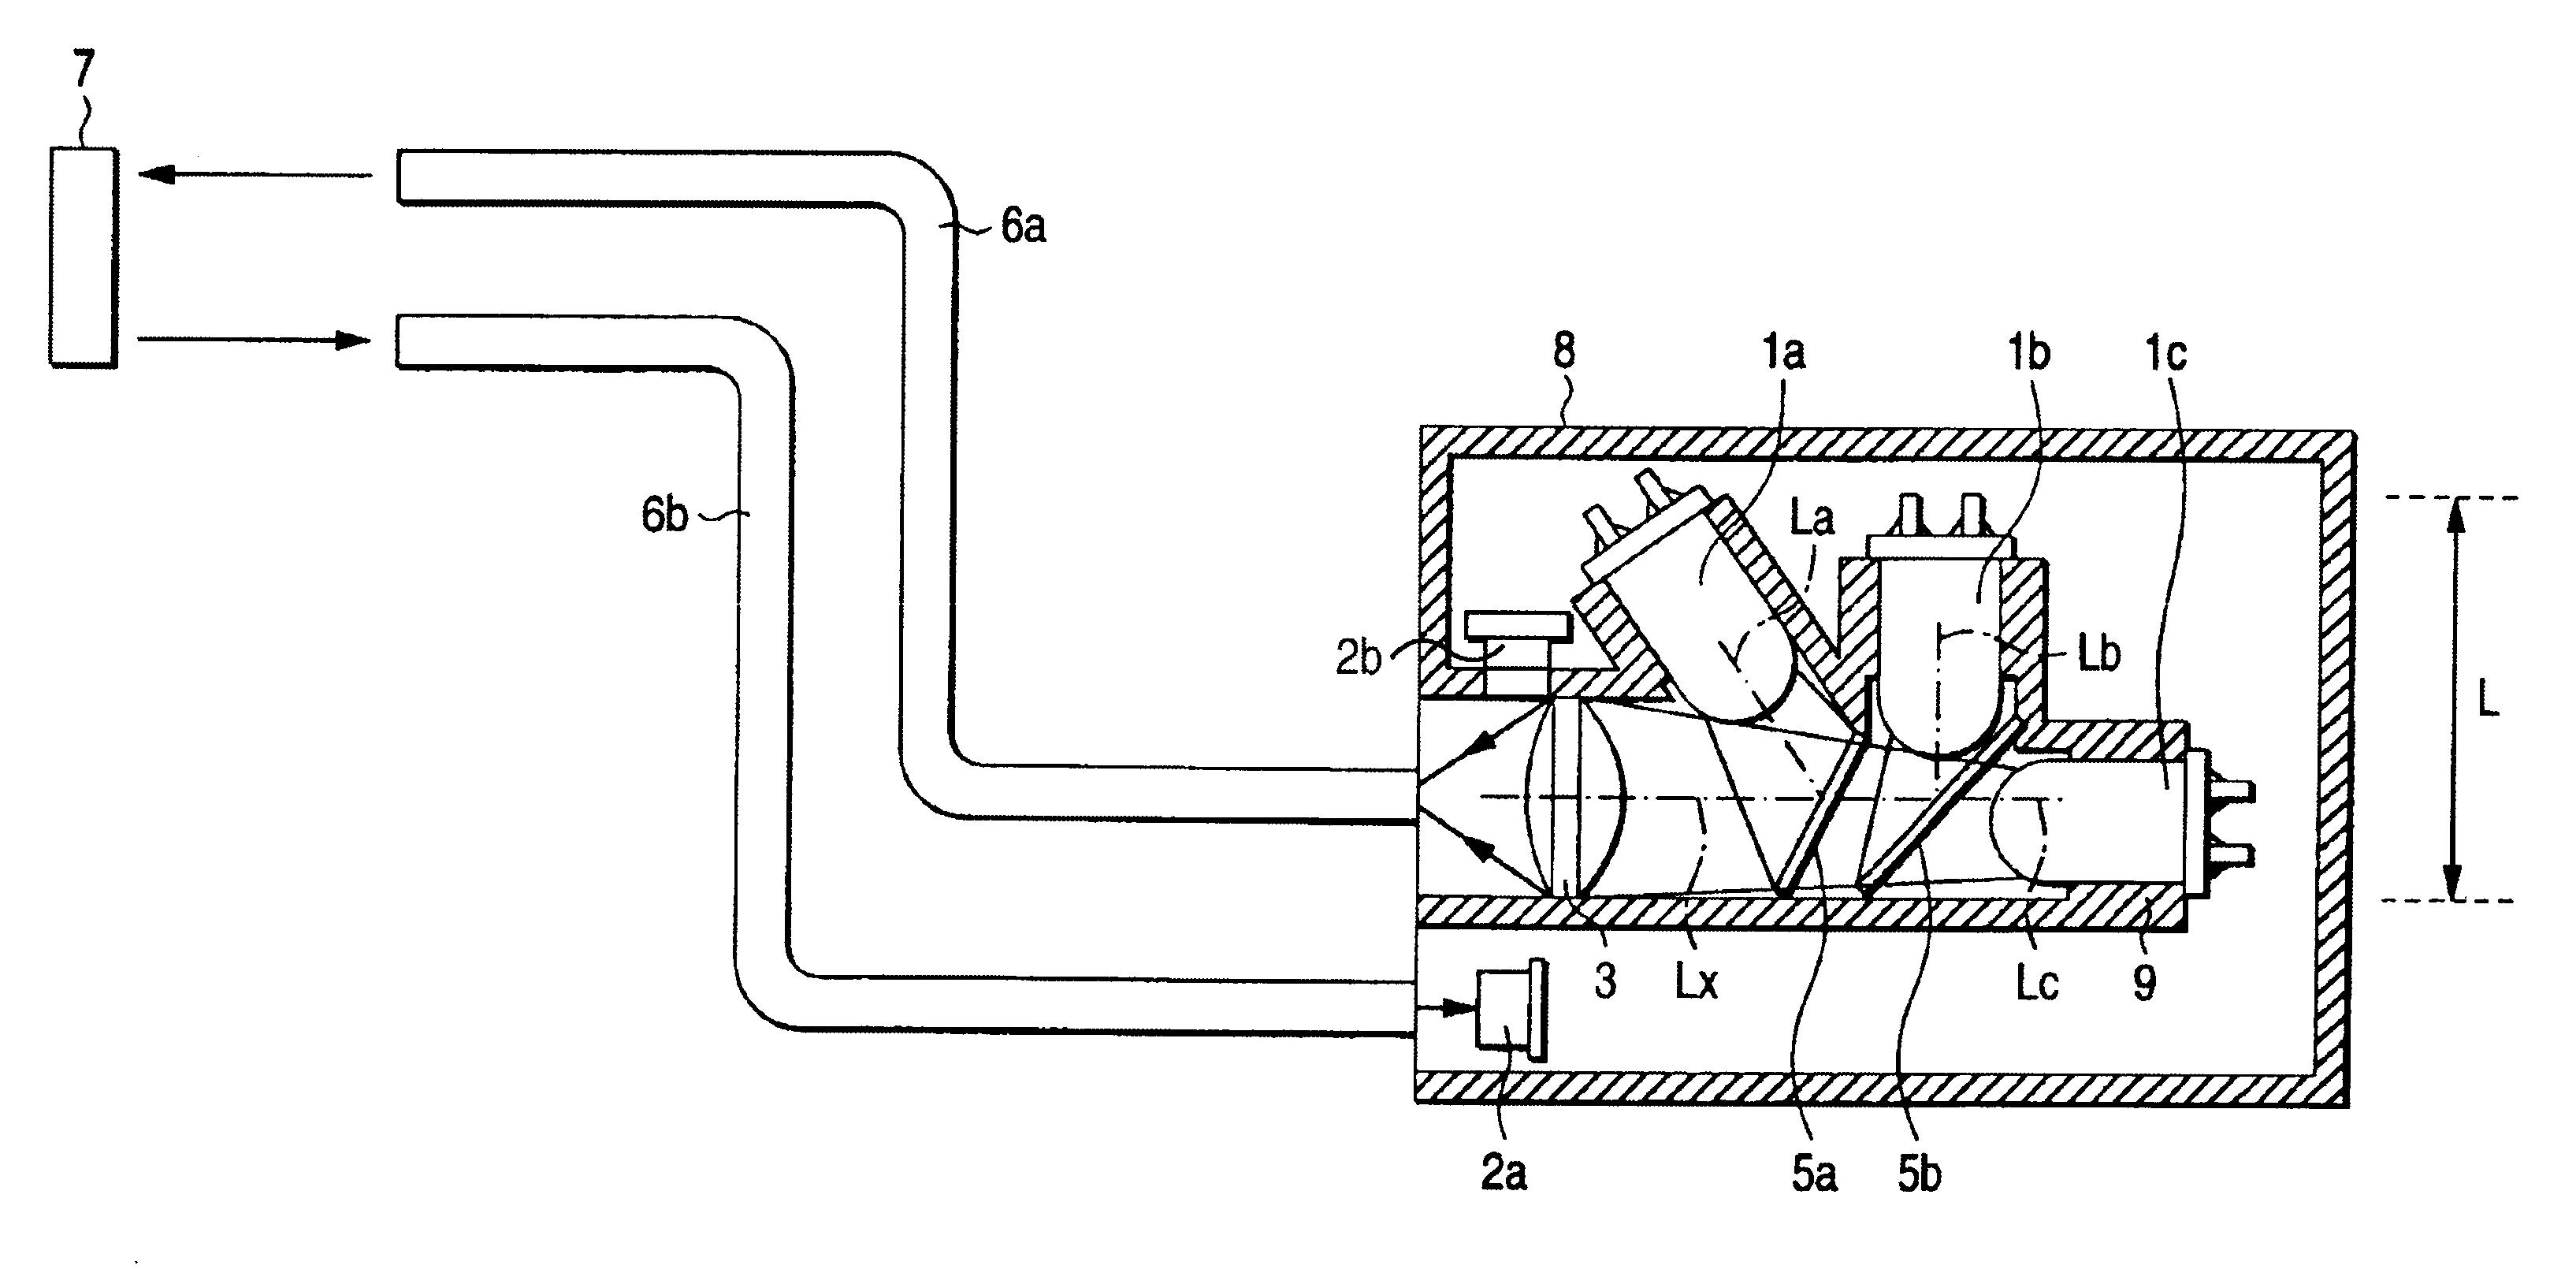 patent us6392214